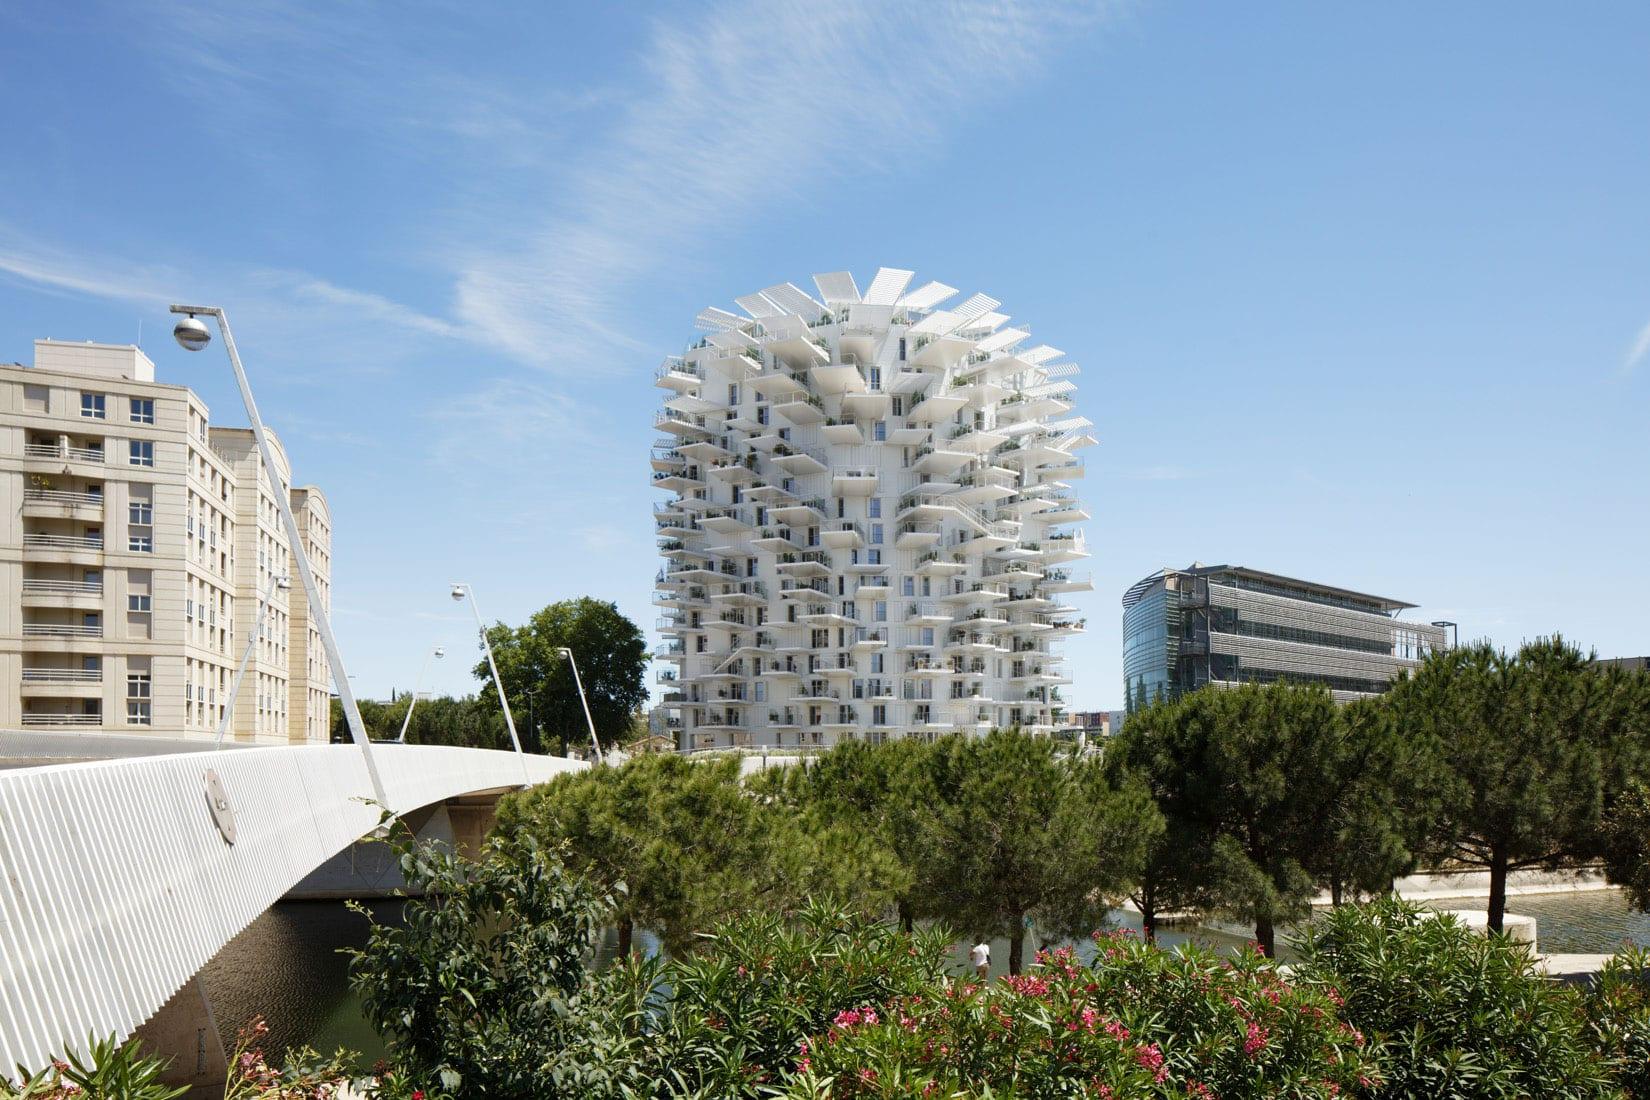 Maitrise D Oeuvre Montpellier l'arbre blanc de montpellier, le miroir architectural de